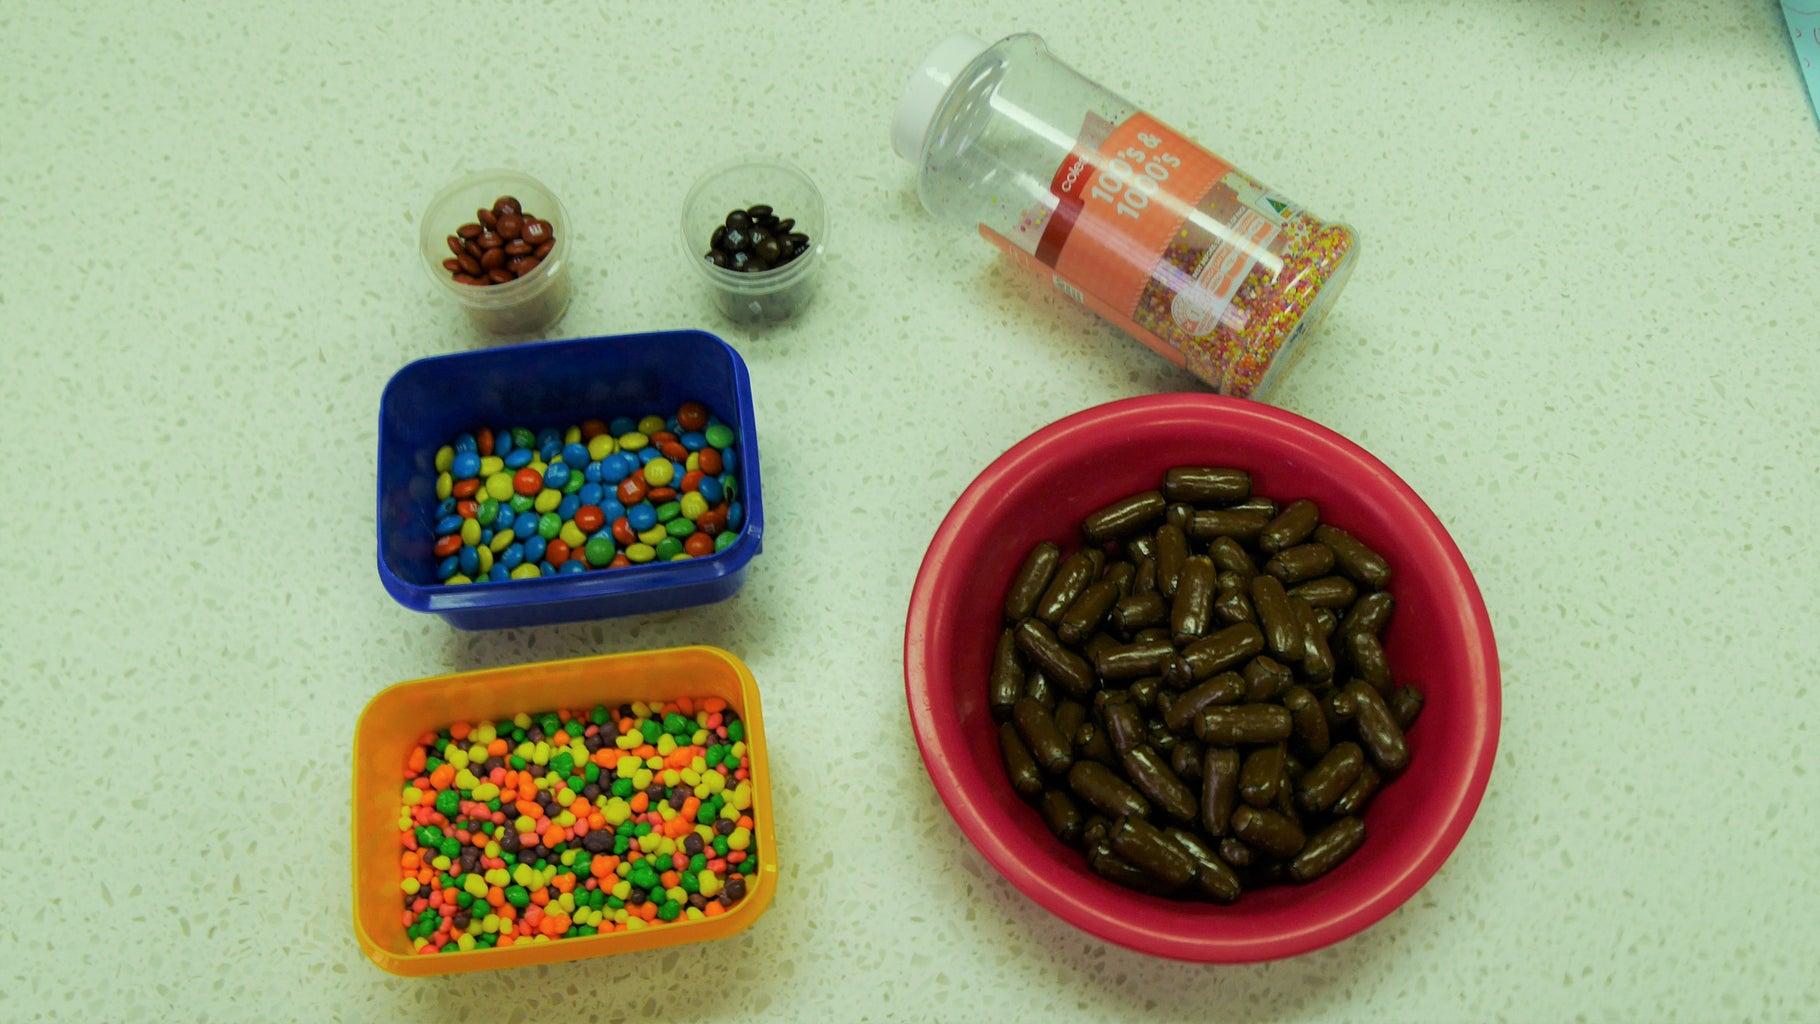 Materials & Ingredients: